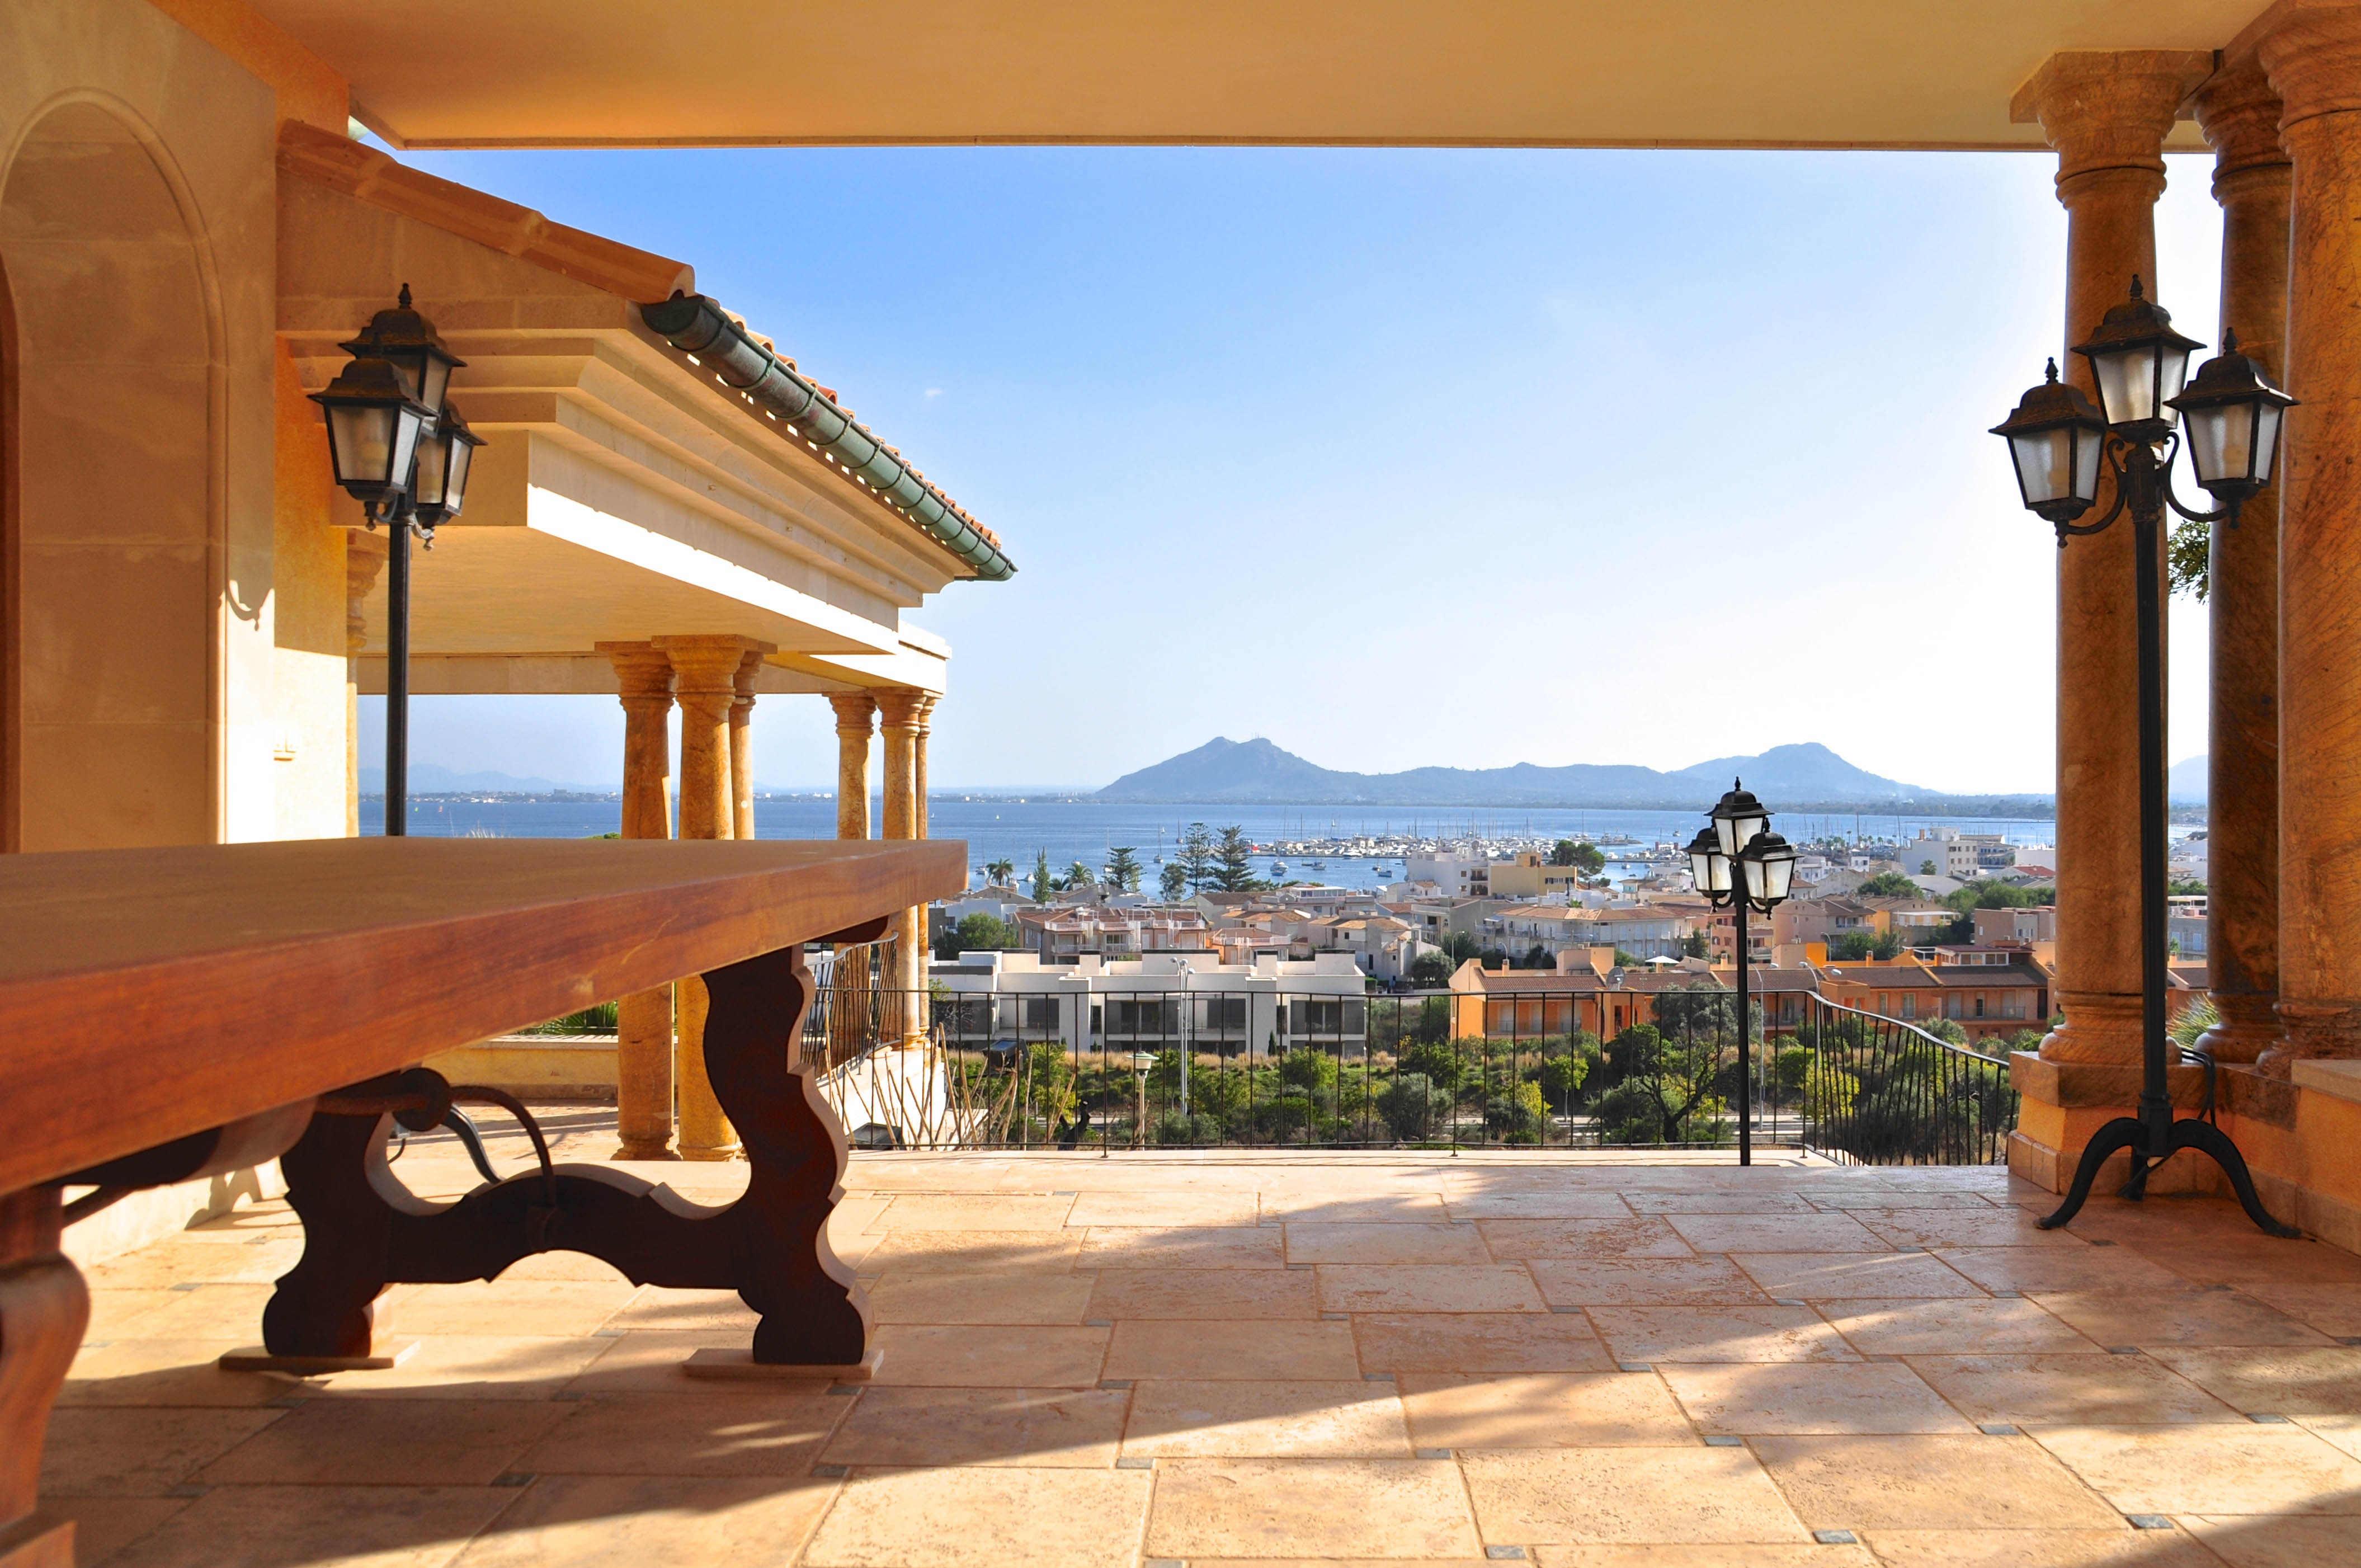 Sareb pone a la venta 2.000 viviendas en la costa española desde 46.200 euros